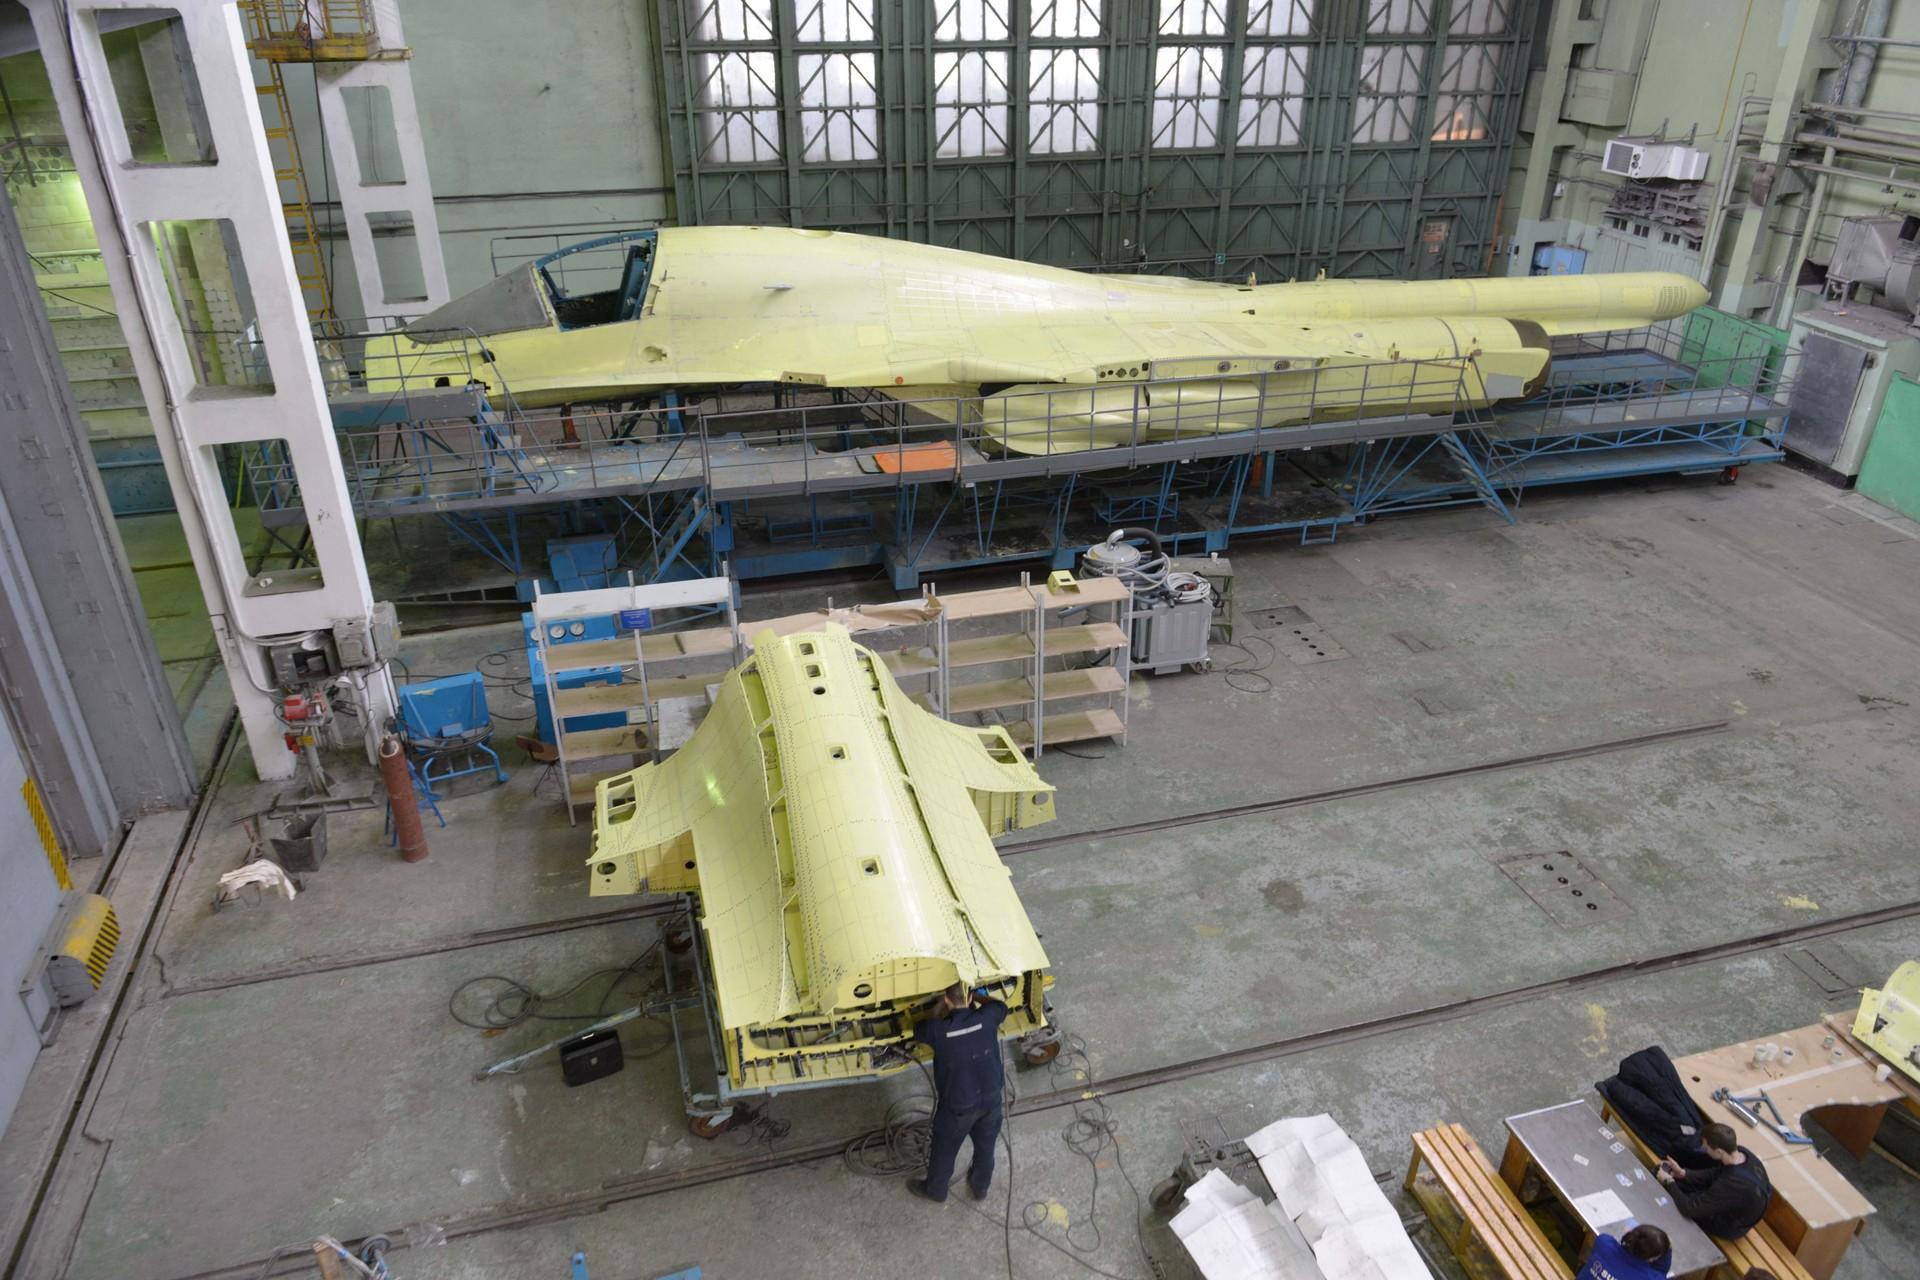 Fotos: Ensamblaje del nuevo cazabombardero ruso Su-34